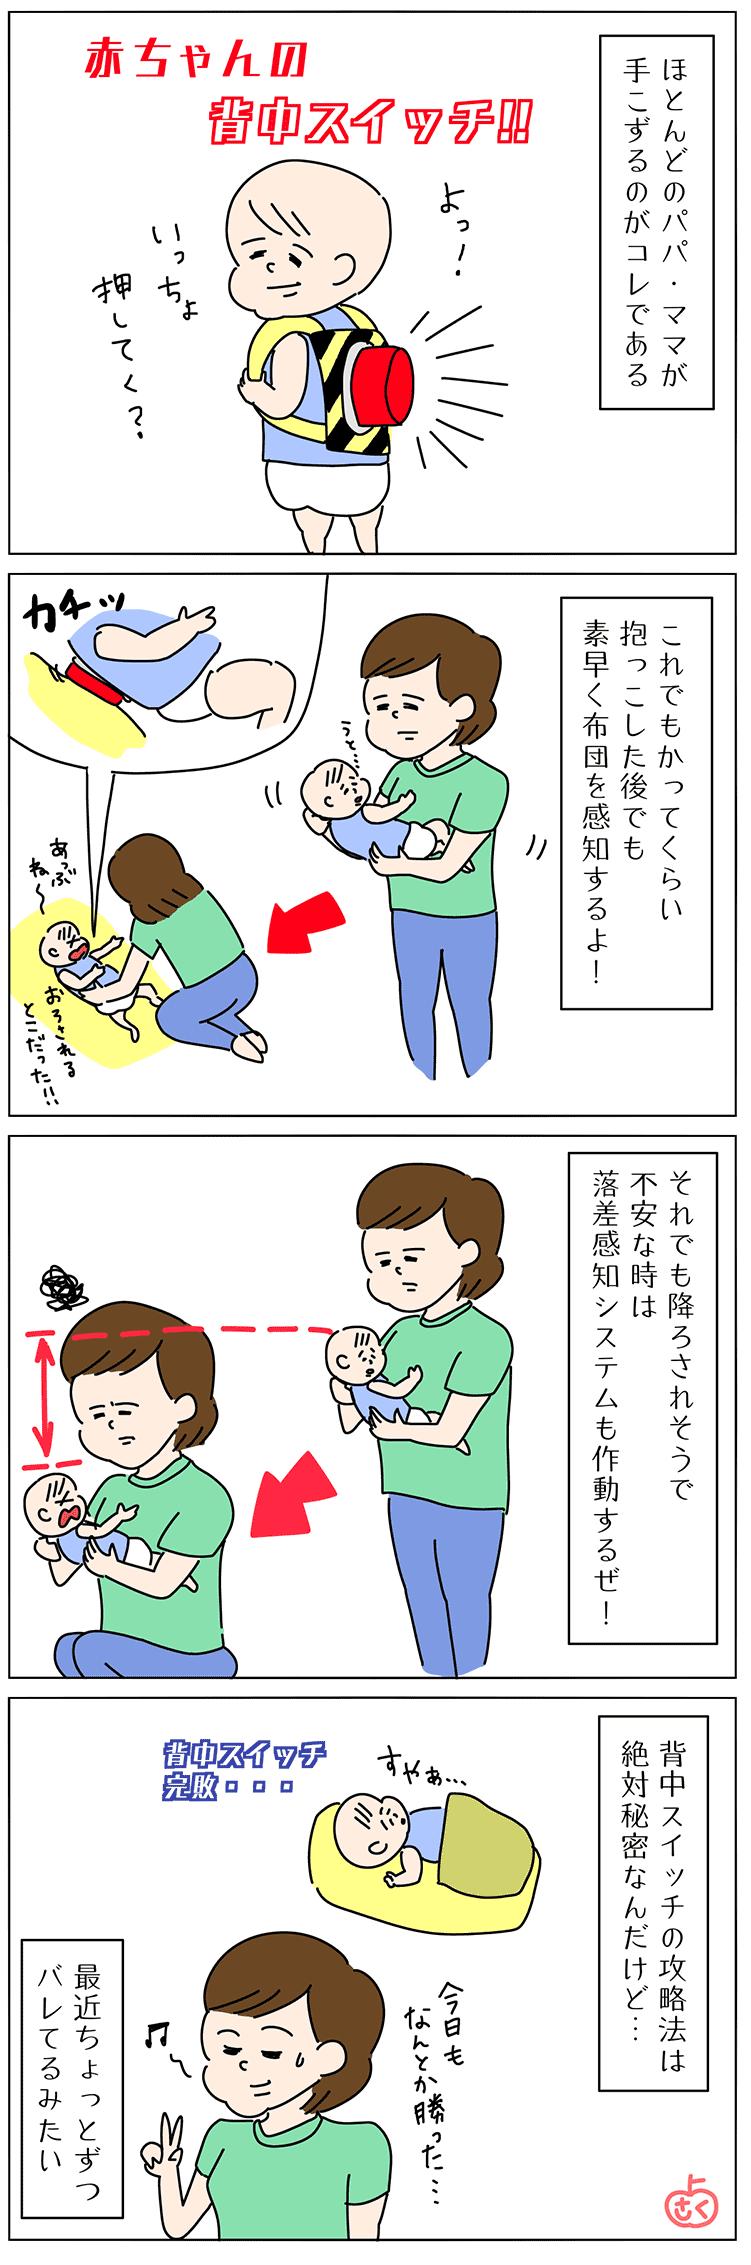 赤ちゃんの背中スイッチについての子育て4コマ漫画